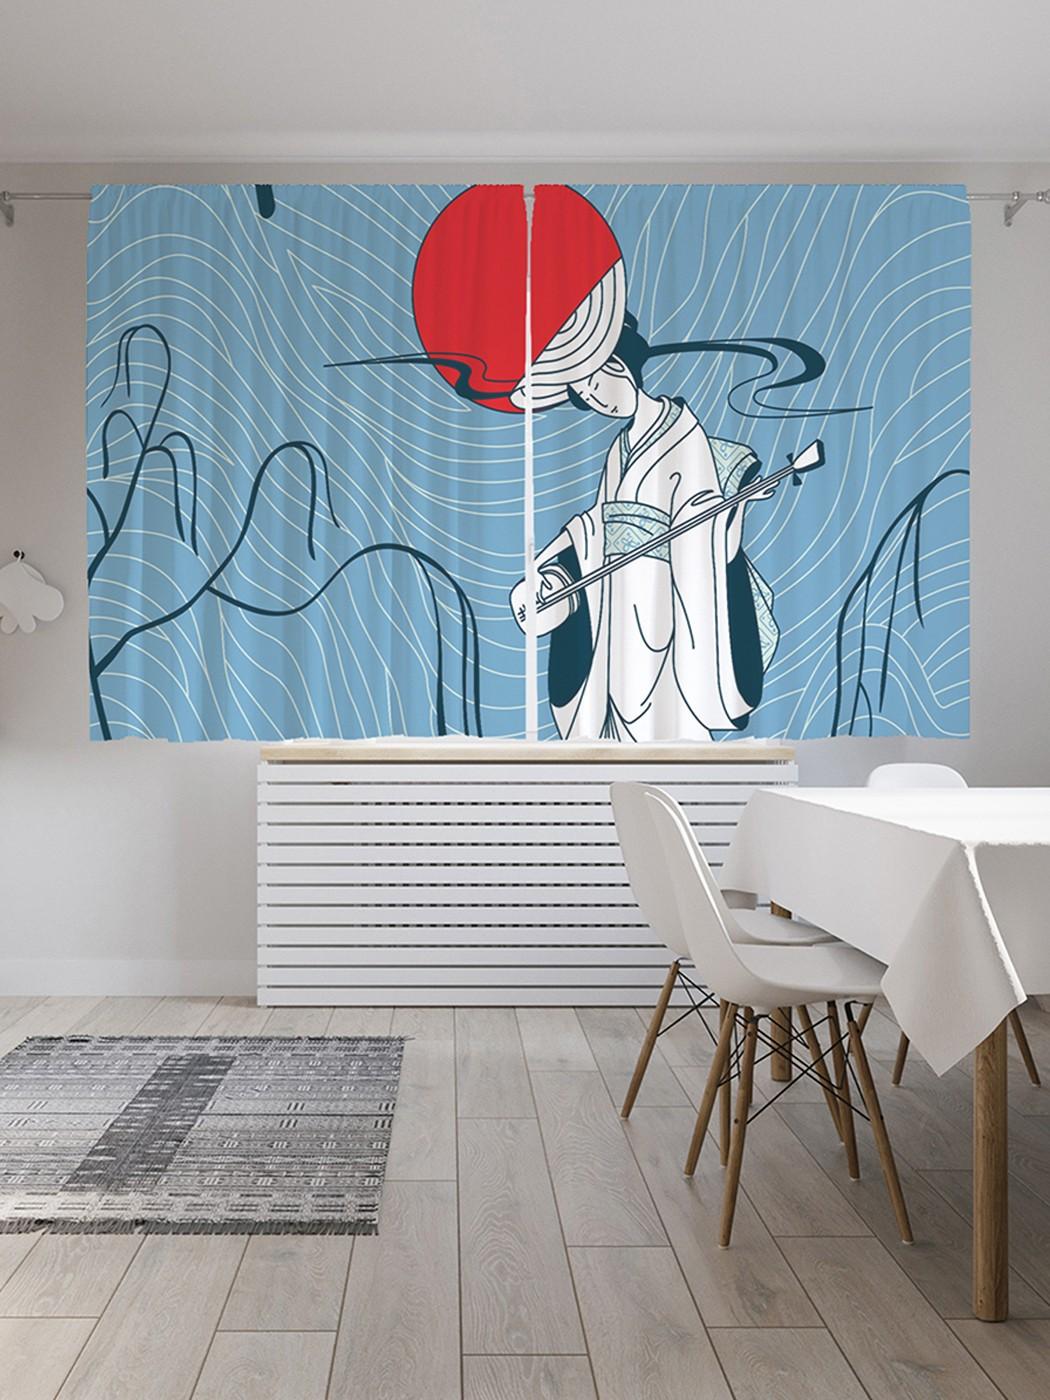 Шторы под лён JoyArty «Азиатская музыка», серия Oxford DeLux, 290х180 см фото